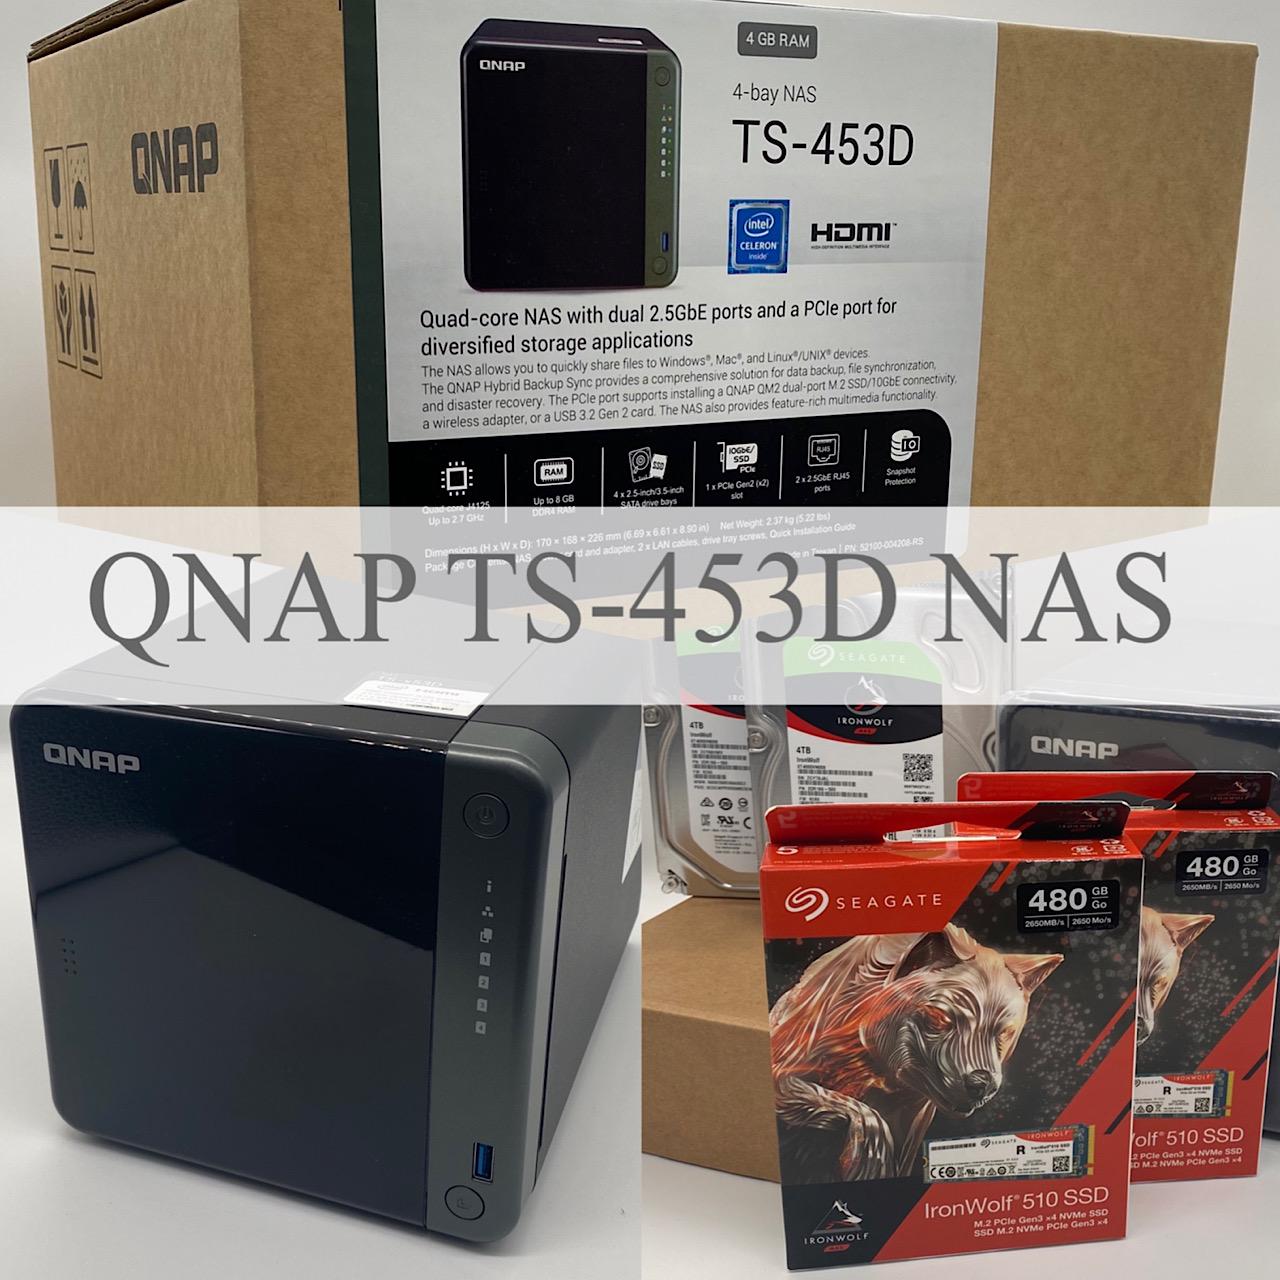 QNAP TS-453D NAS Vorstellung und auspacken